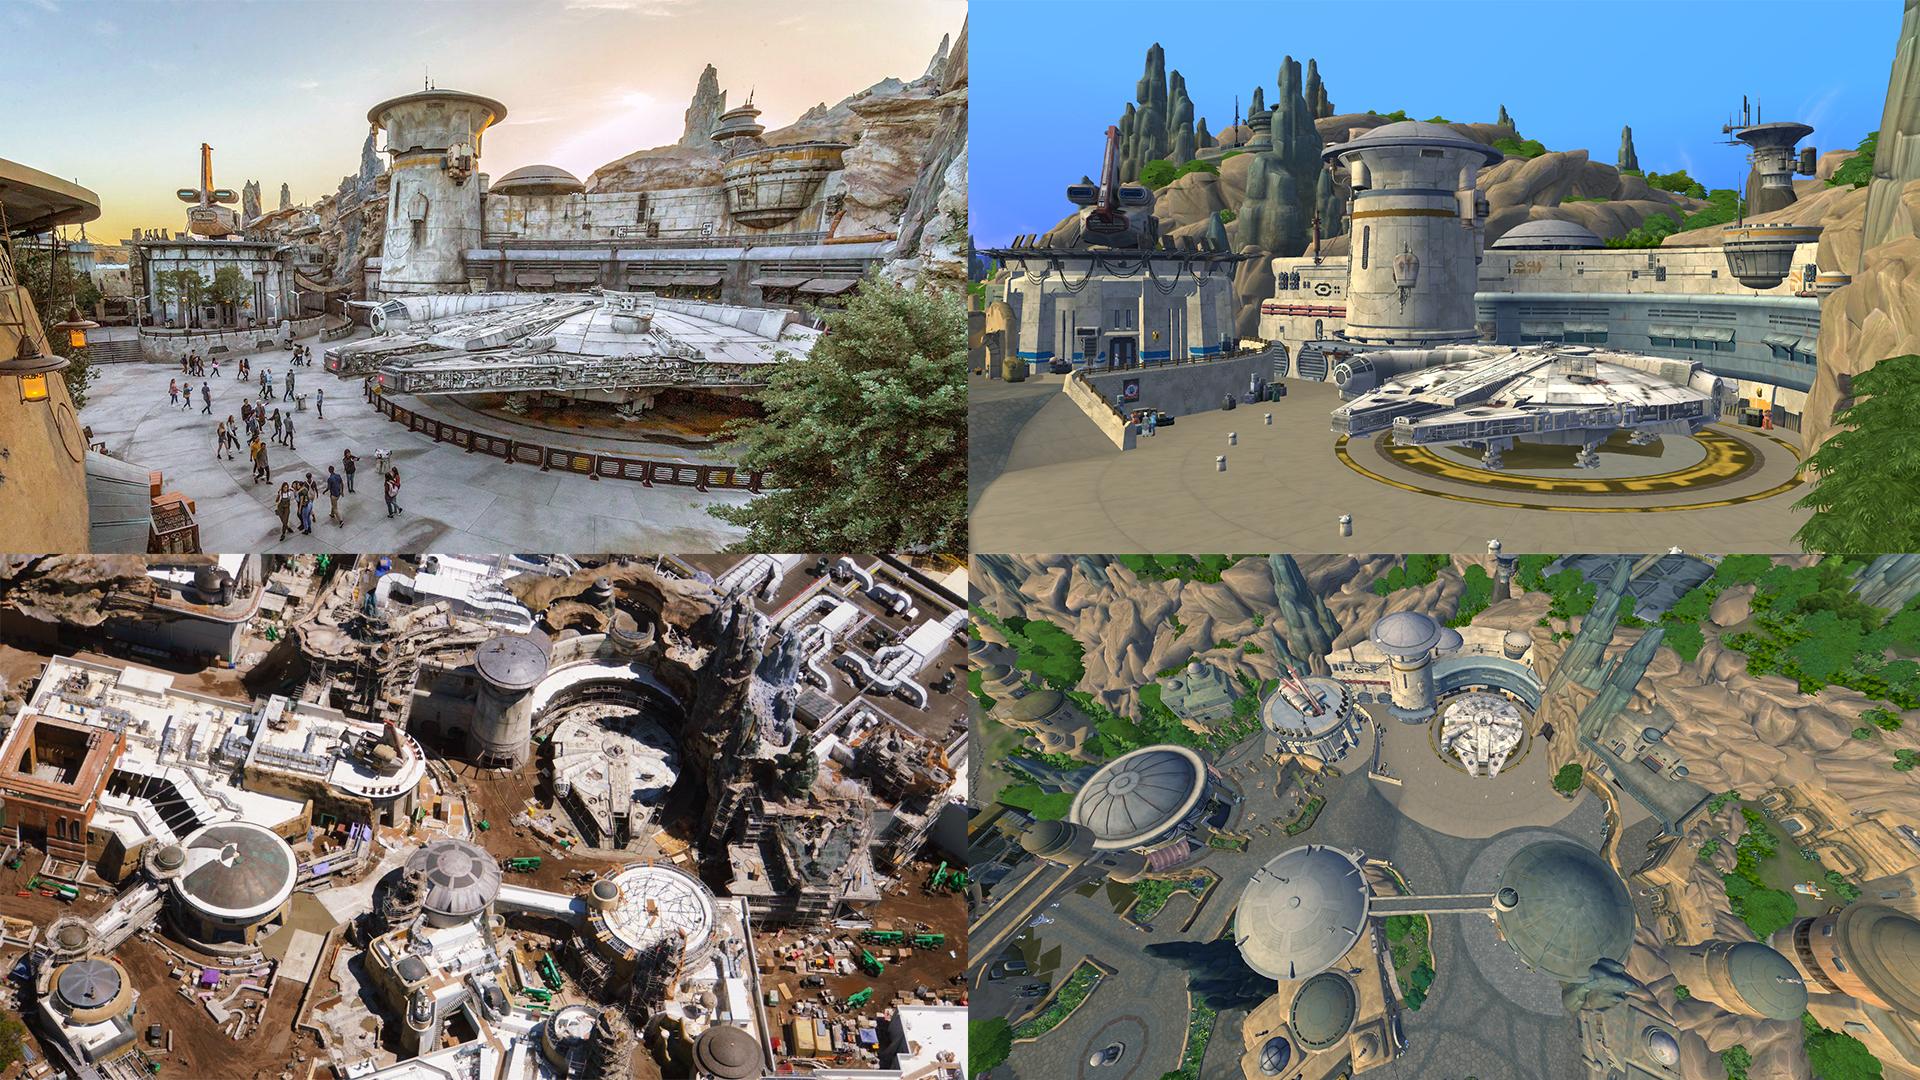 Vlevo obrázek z realného Disneylandu, vpravo přesně to samé akorát v The Sims Výprava na Batuu.